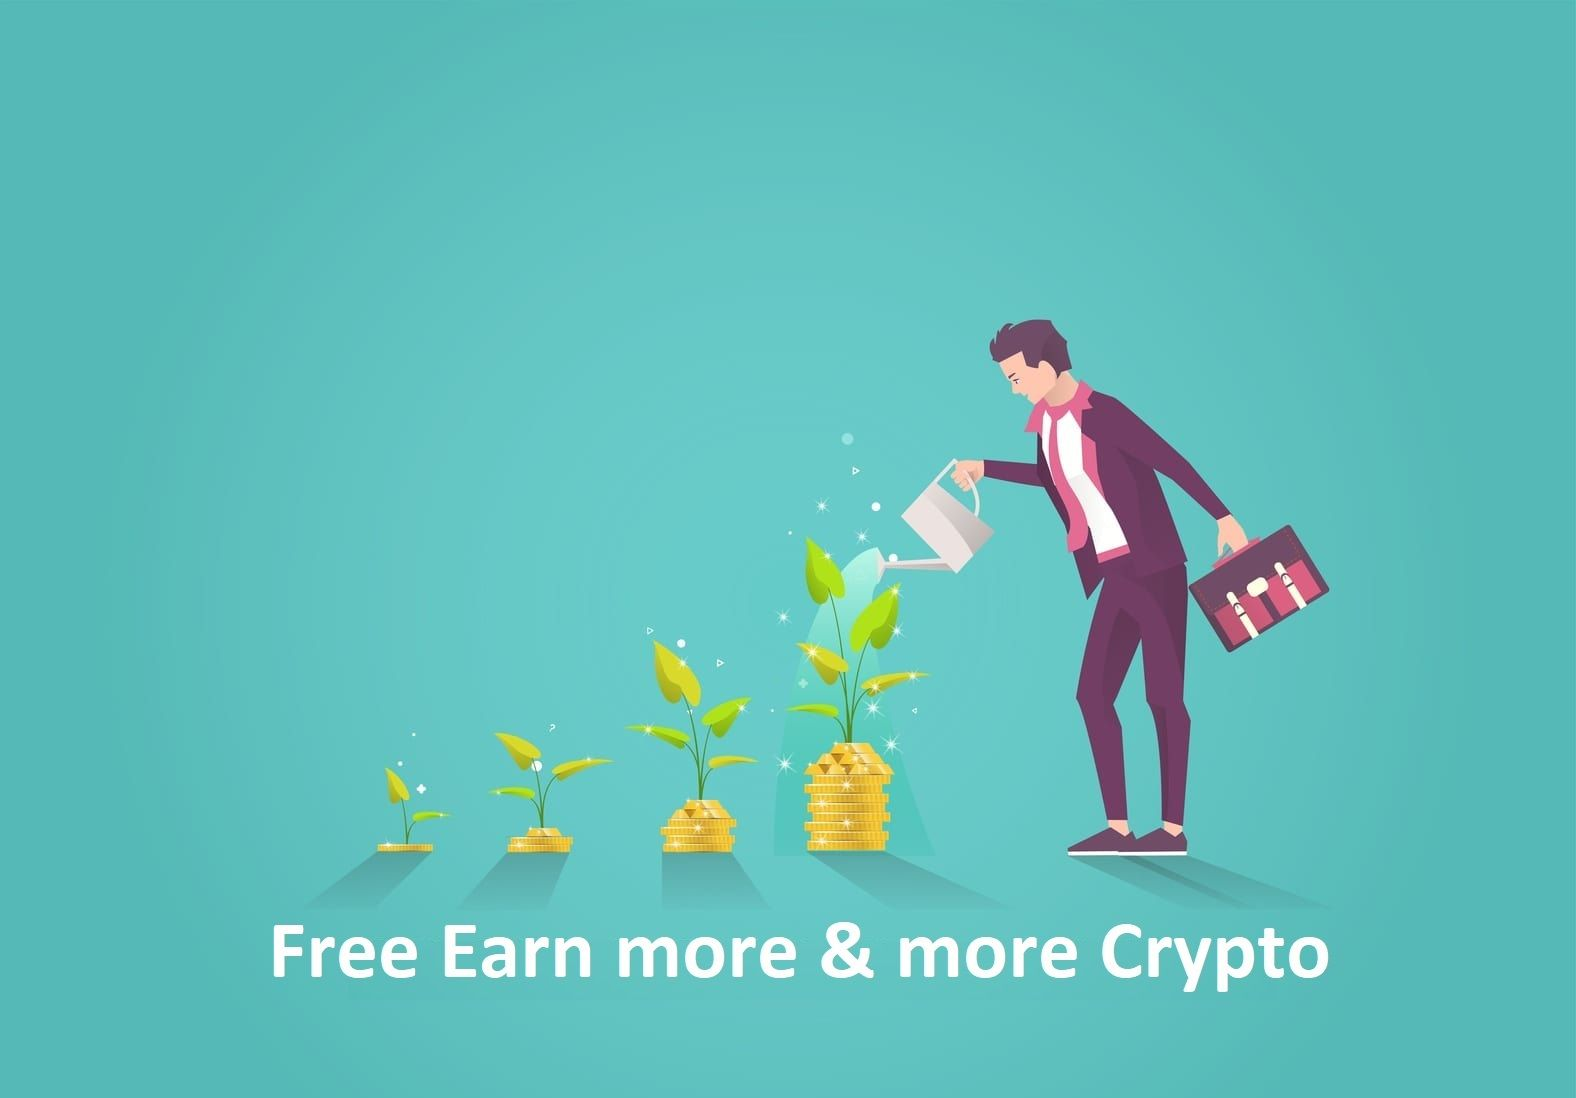 coinbase free bat